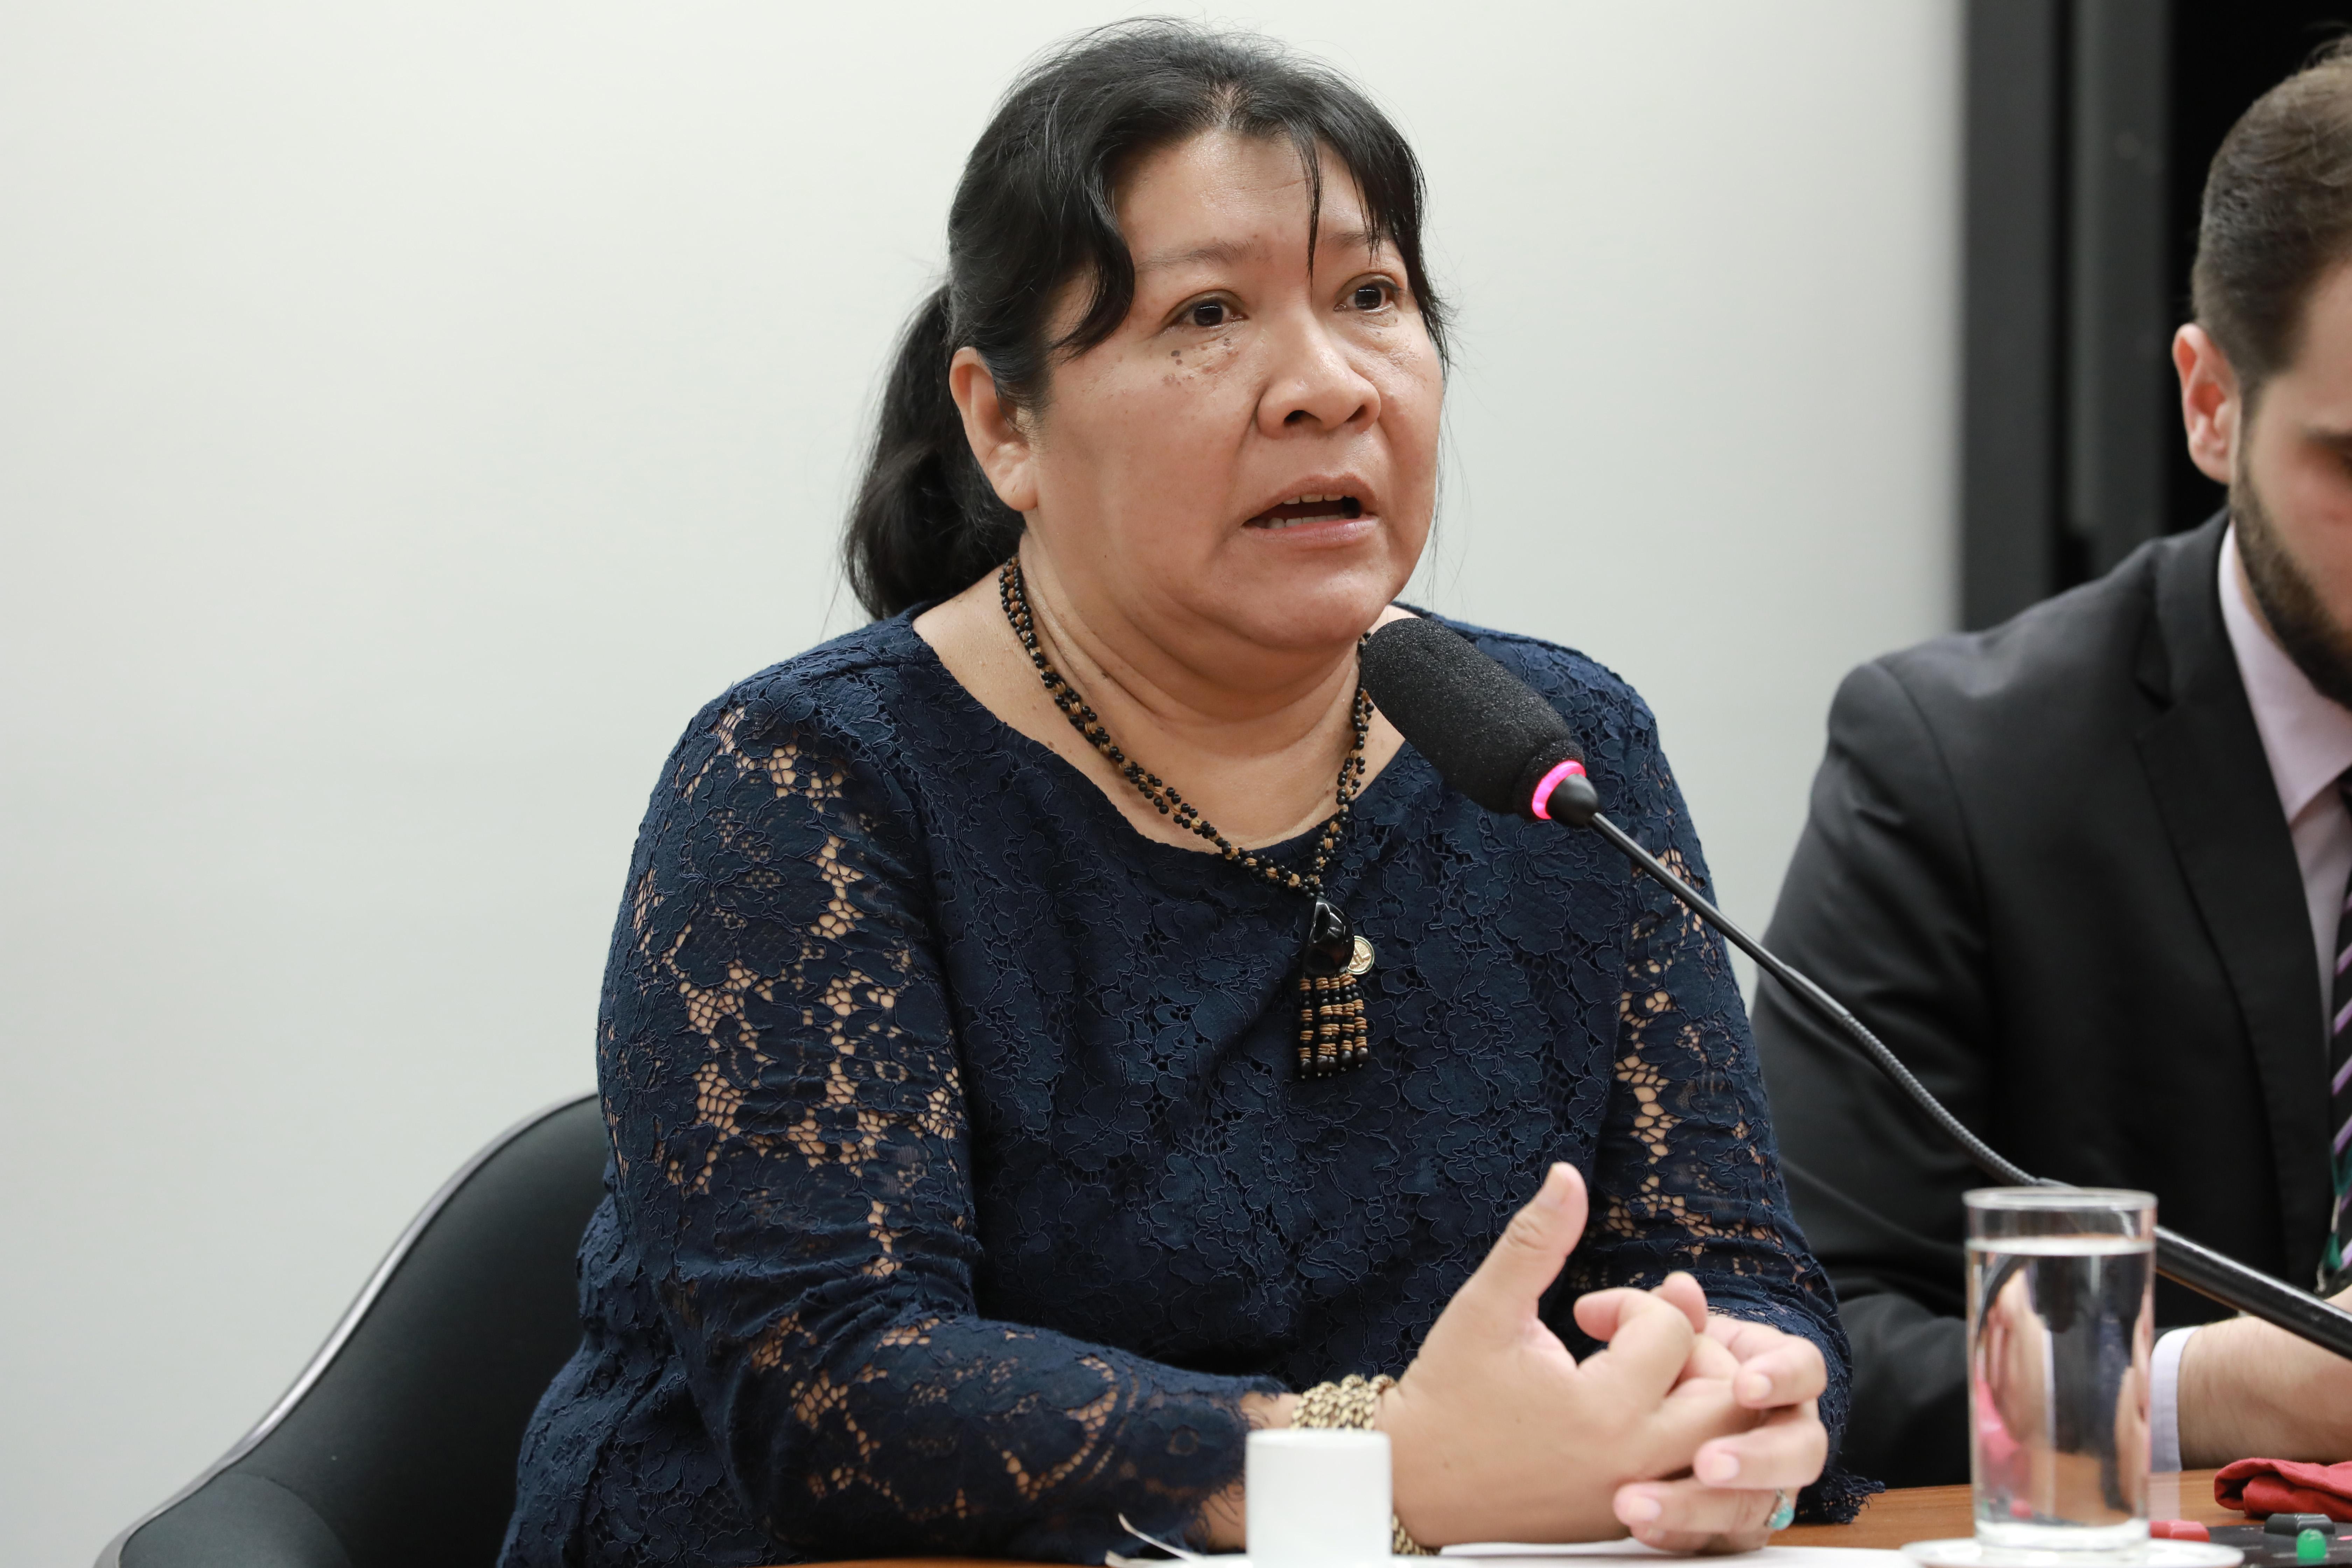 Encontro com lideranças indígenas. Deputada Joenia Wapichana (REDE/RR), primeira deputada indígena, recebe lideranças da TI Morro dos Cavalos (SC)